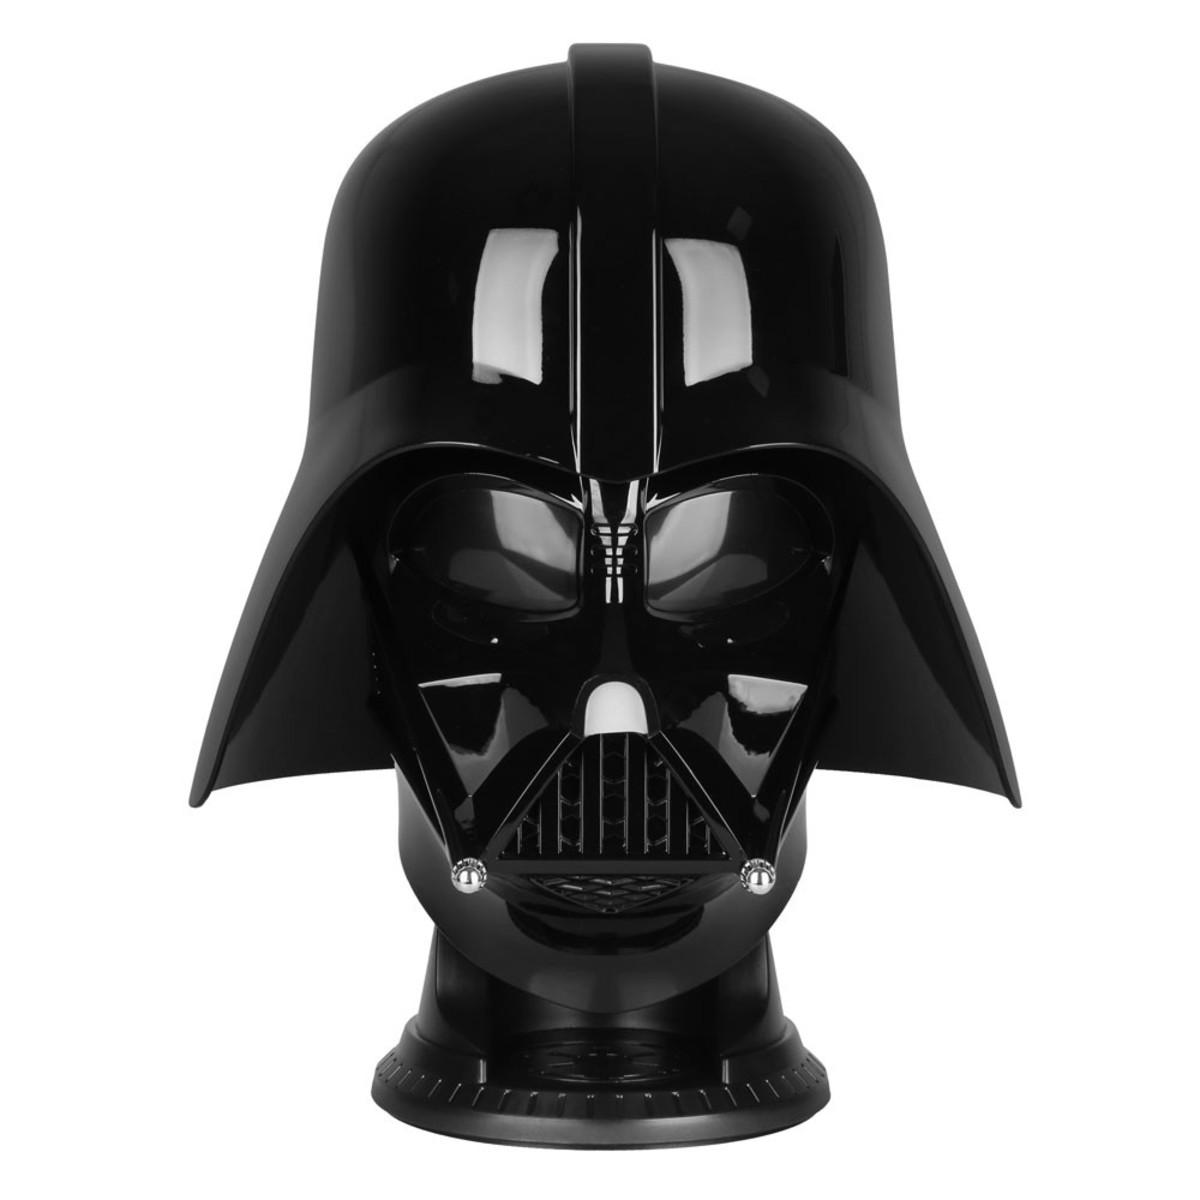 Bild 5 von Bluetooth-Lautsprecher Star Wars